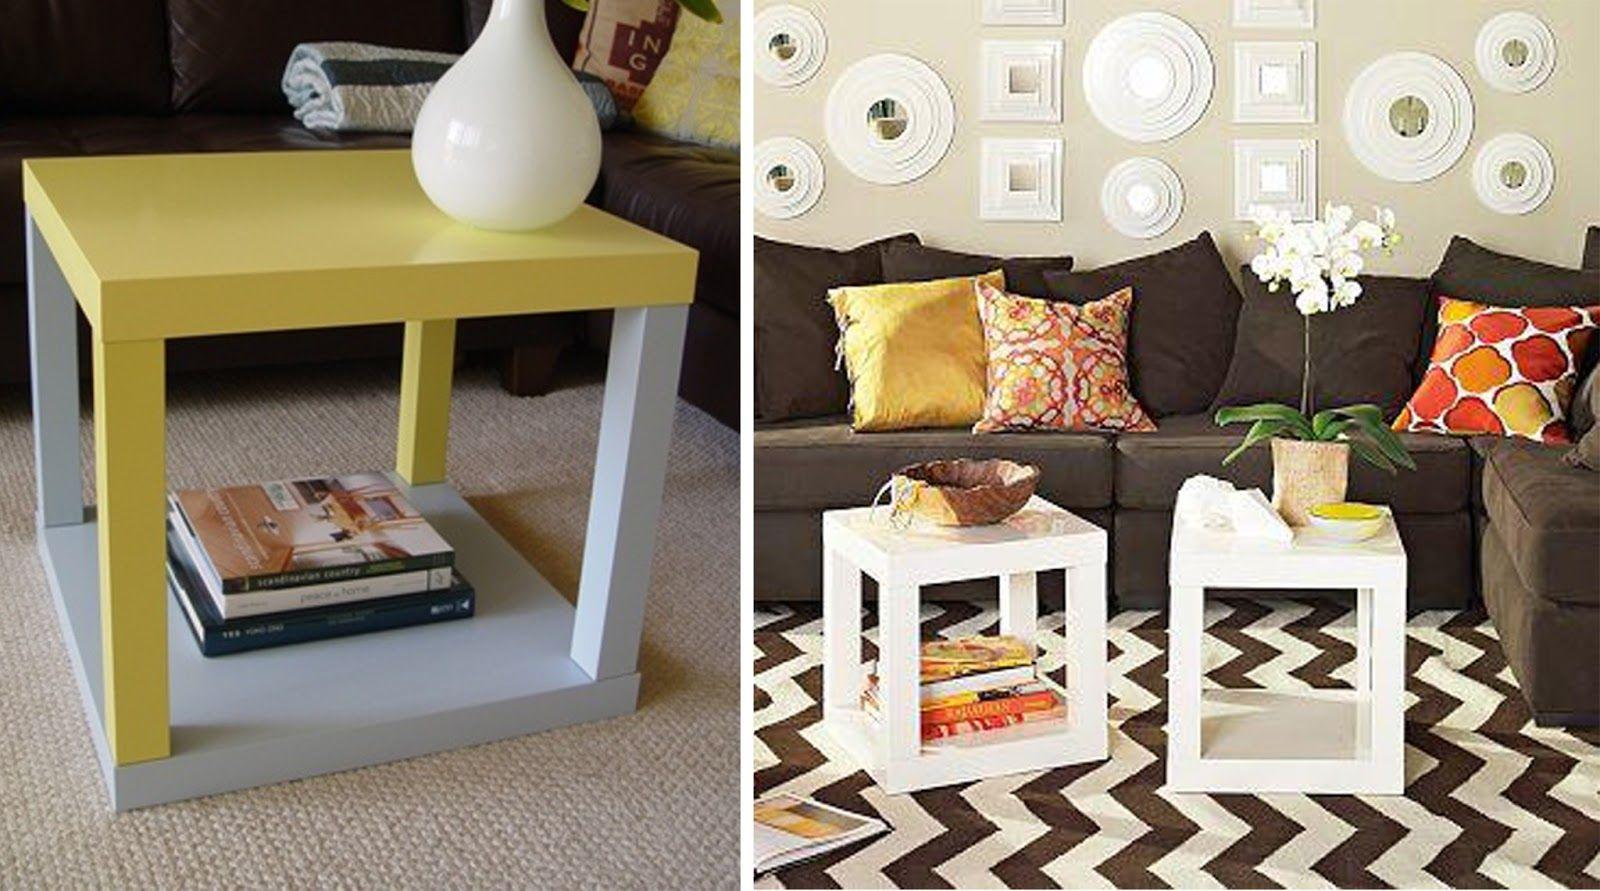 Ikea Hacker Decora Tu Mesa Lack Living Room